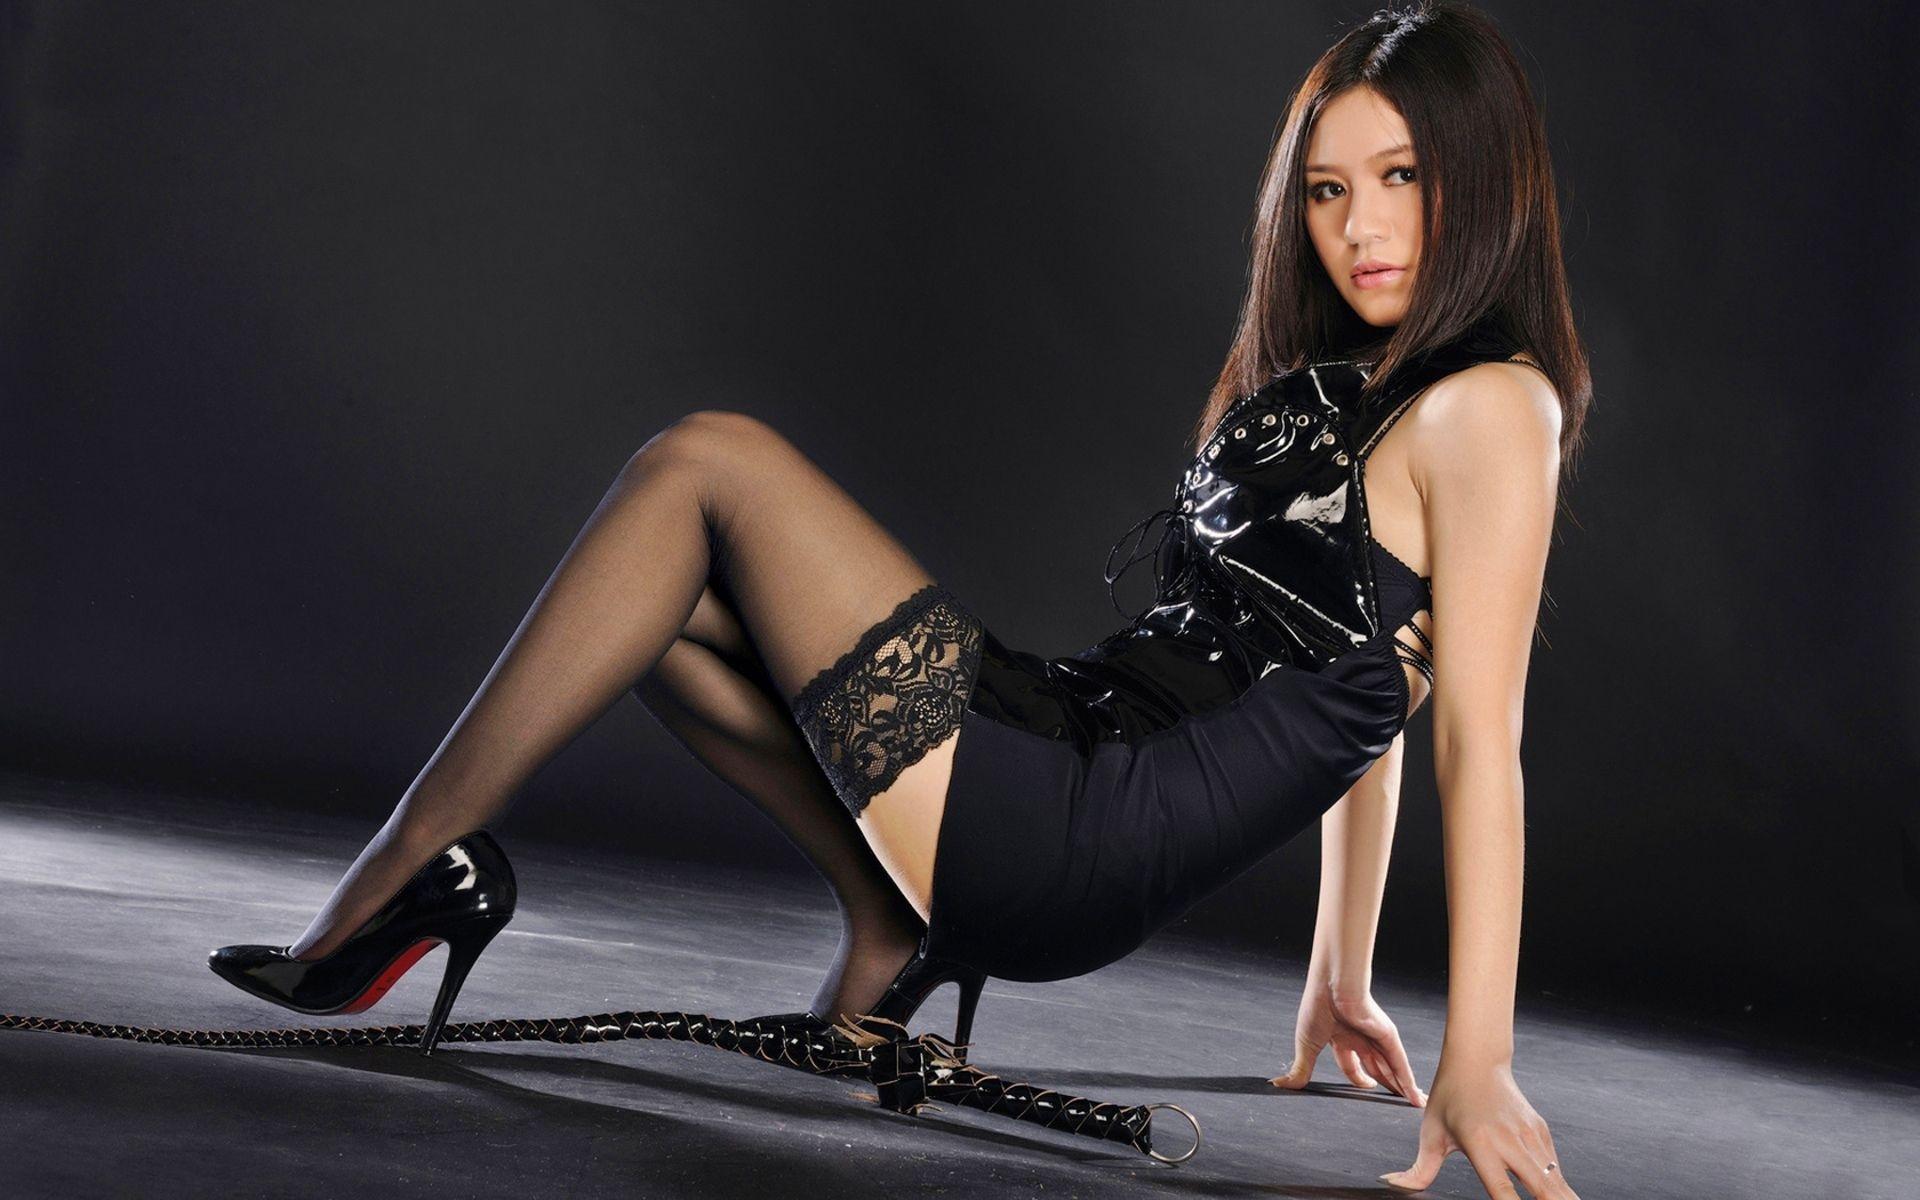 Wallpaper  Legs, Stockings, High Heels, Women, Model -7899